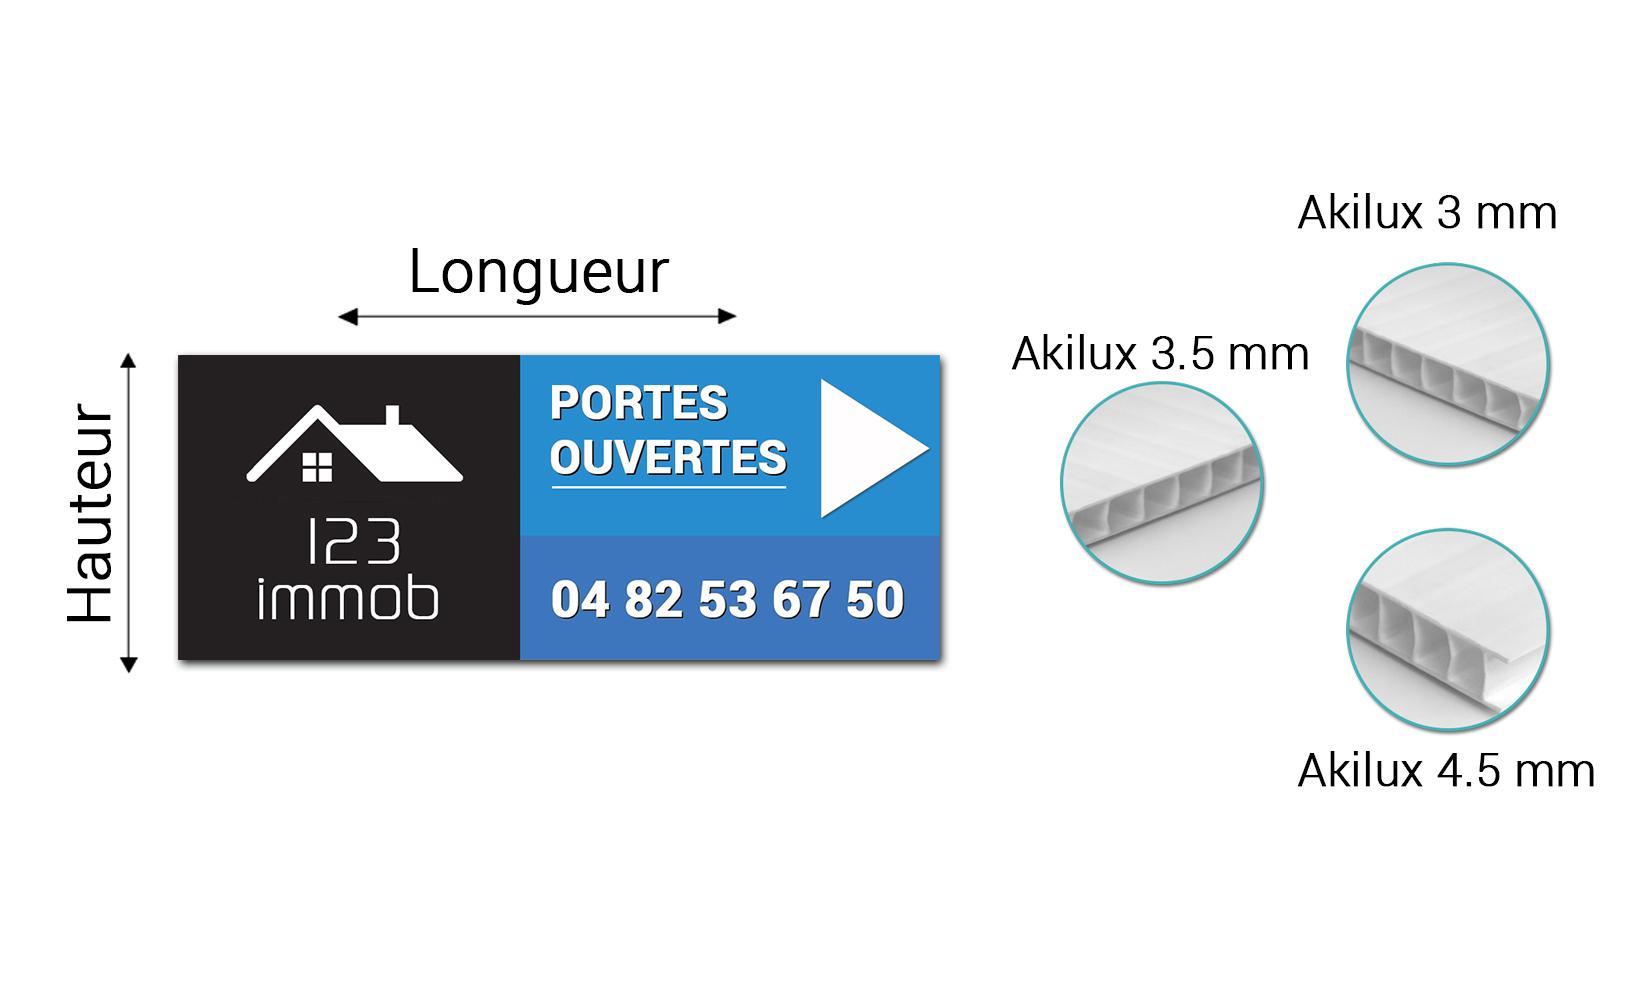 panneau_directionnel_2